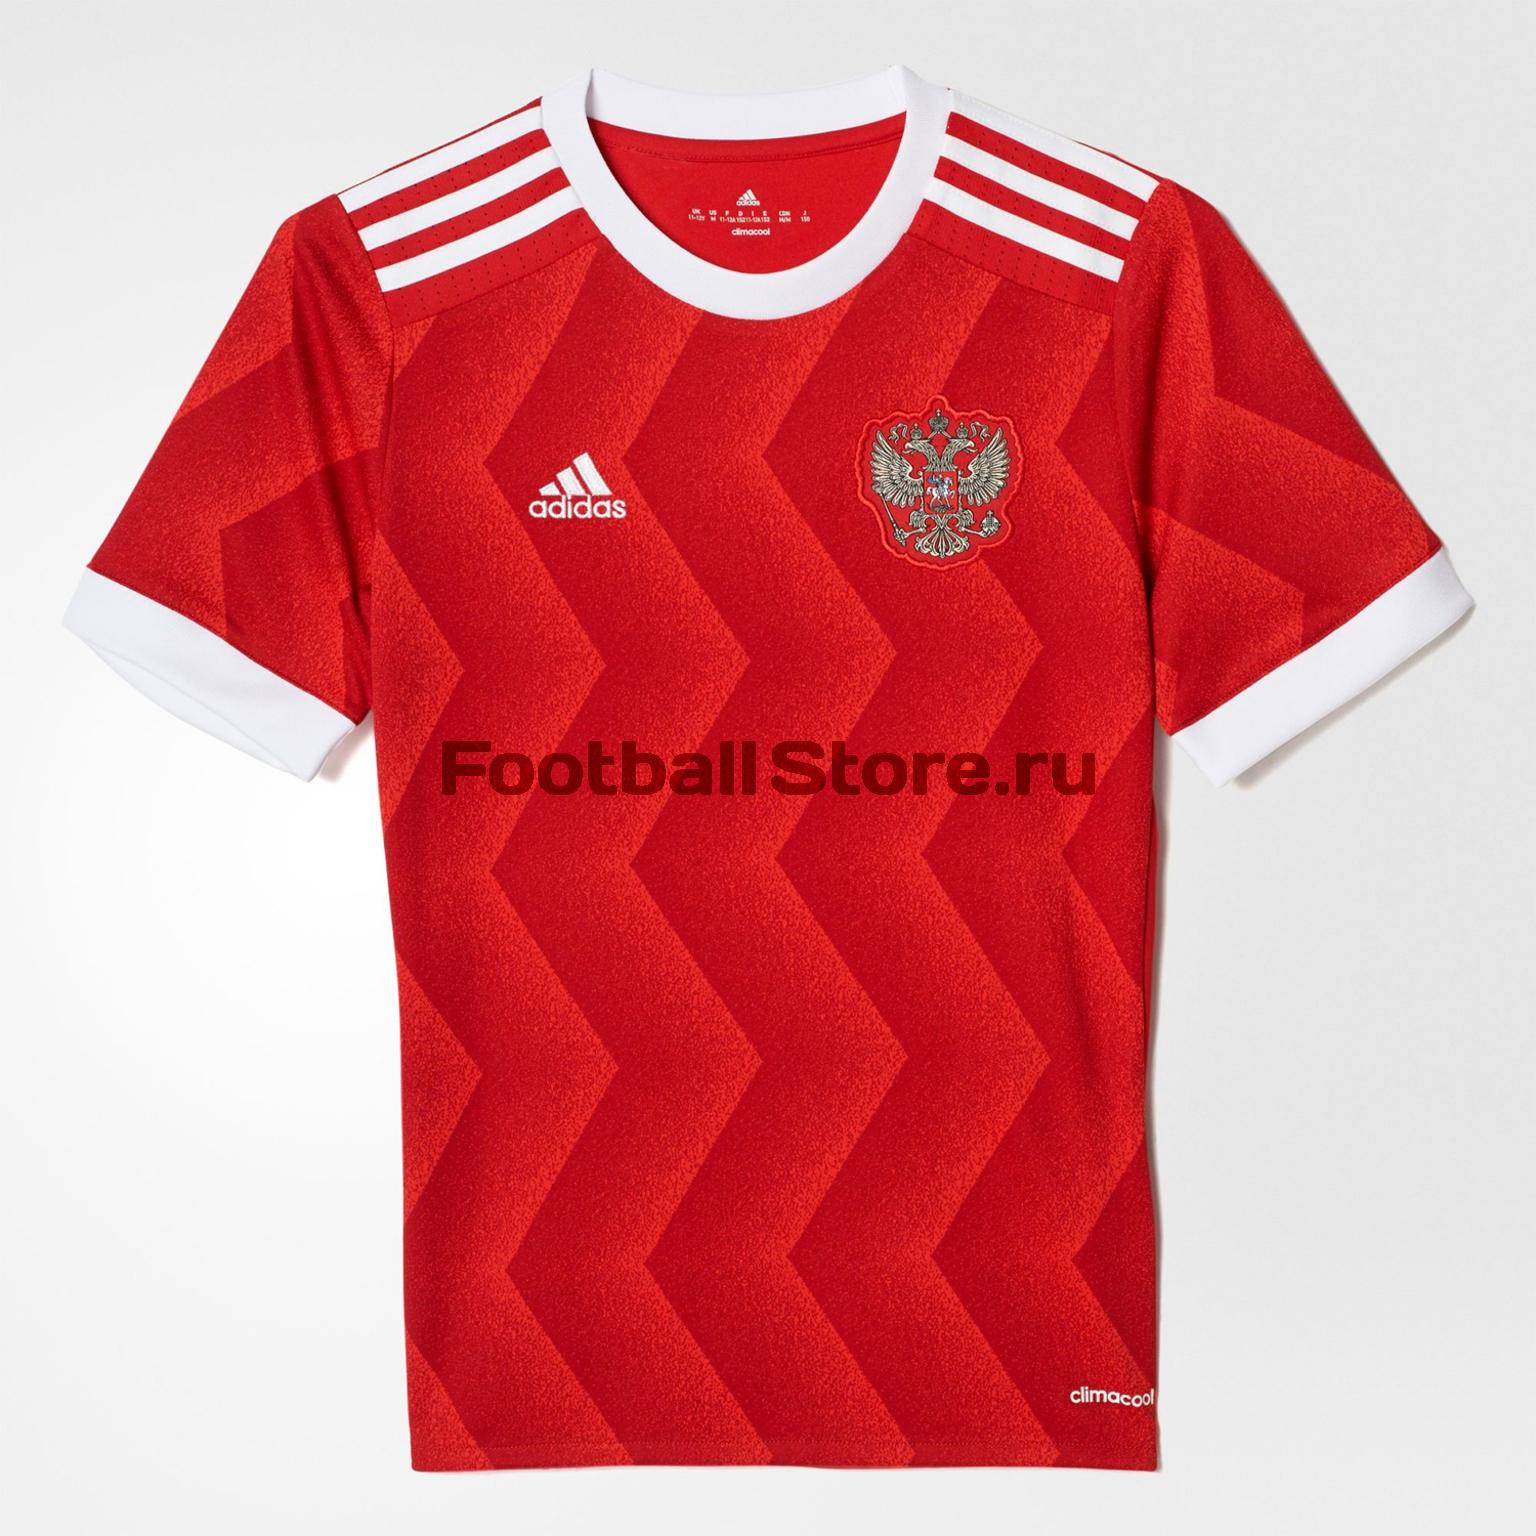 Клубная продукция Adidas Футболка подростковая Adidas Russia Home BR6586